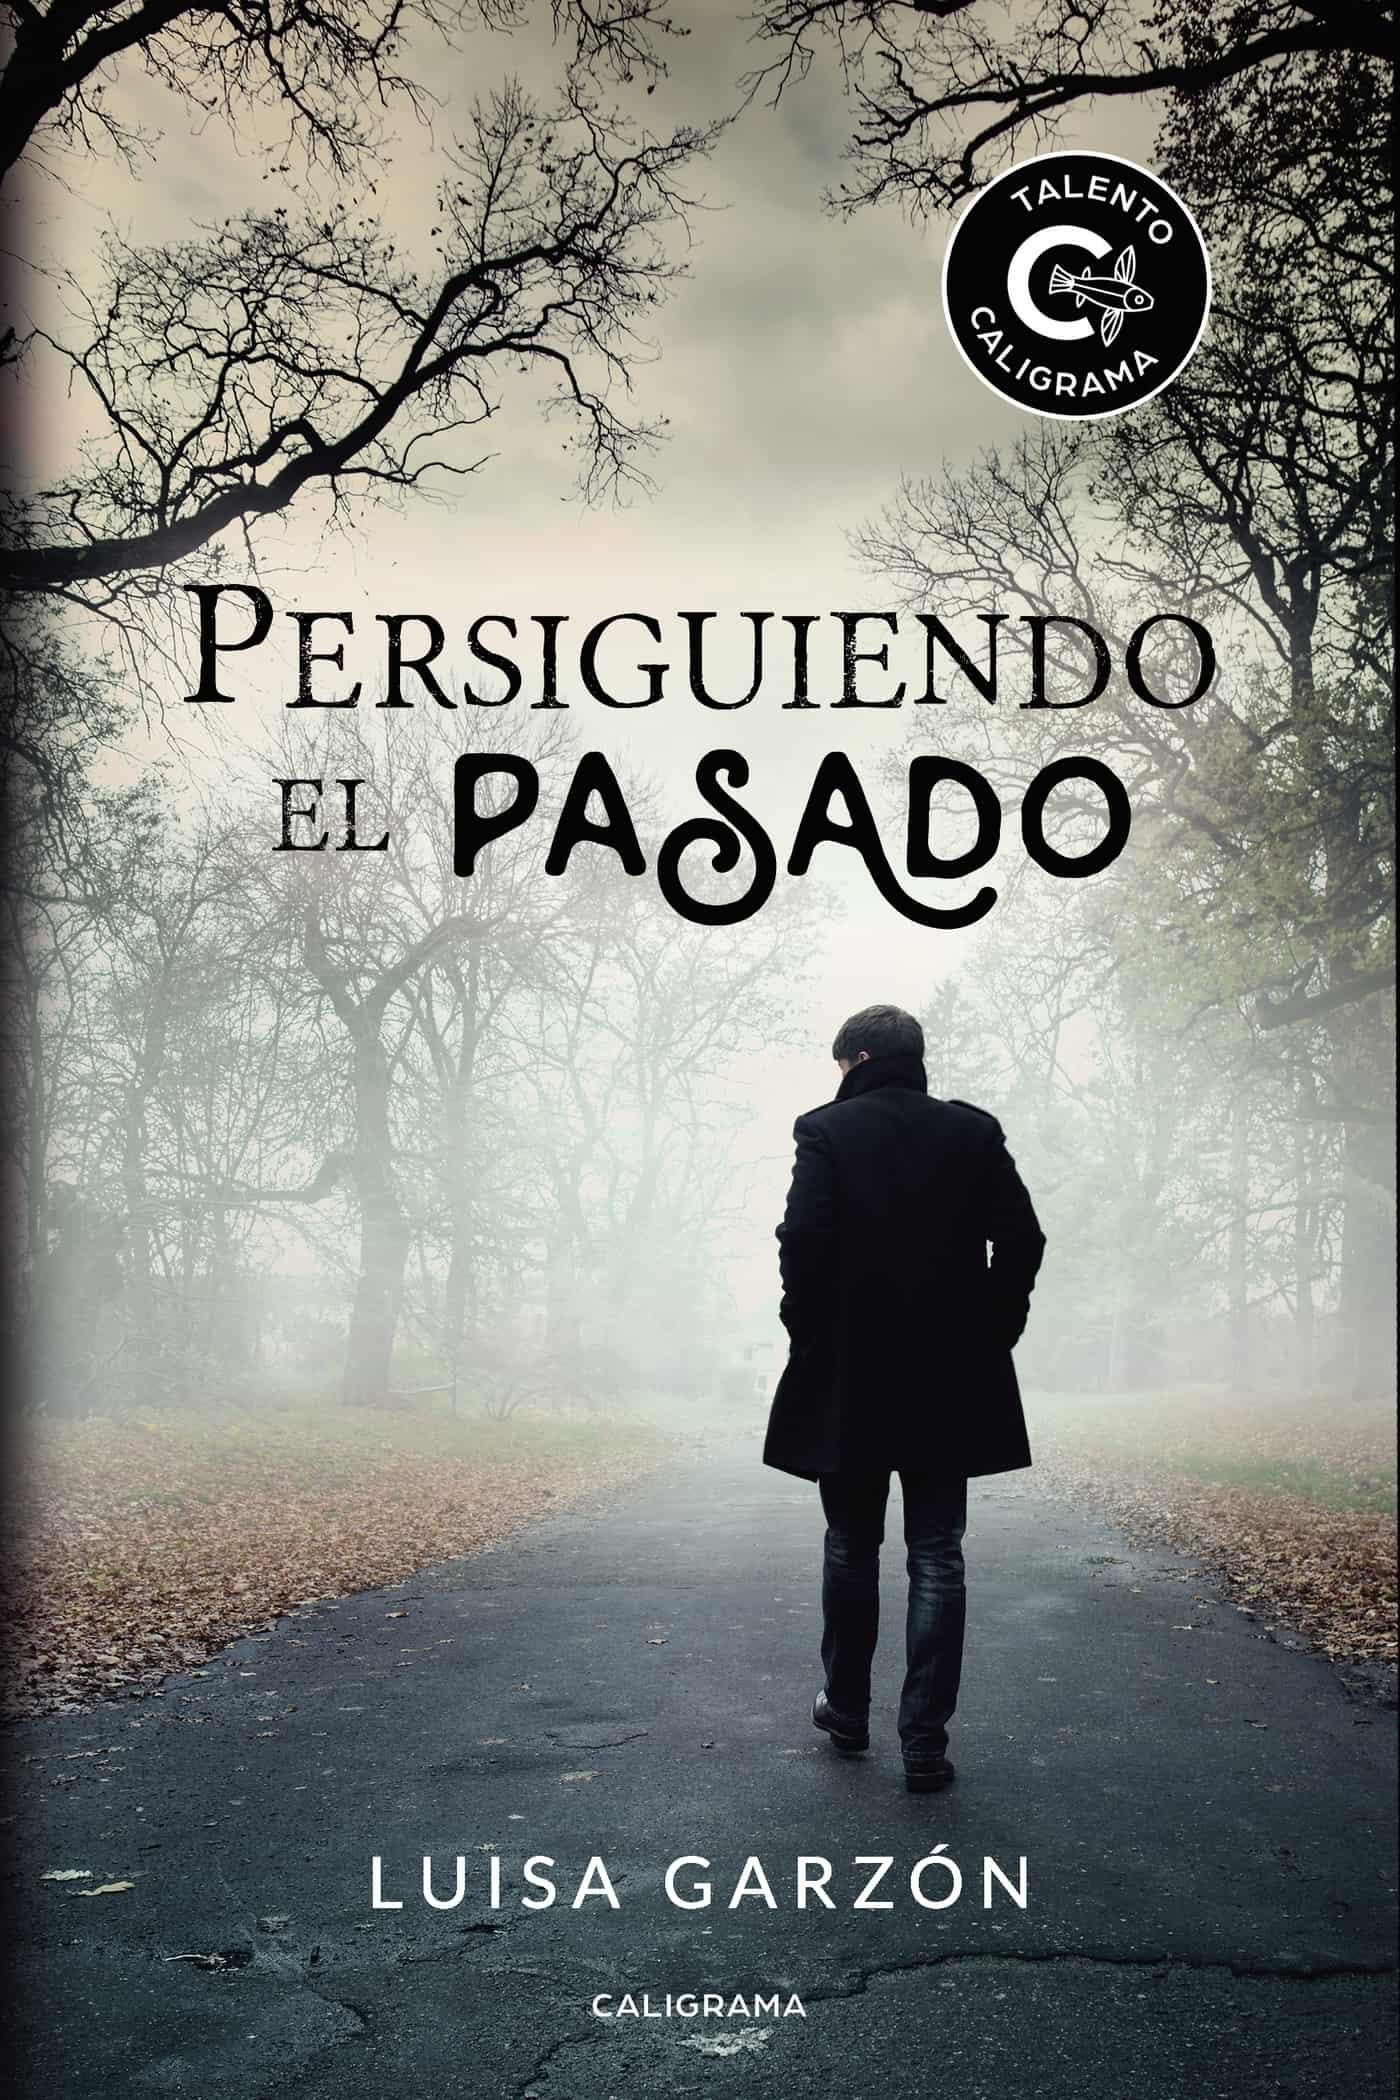 PERSIGUIENDO EL PASADO, de Luisa Garzón.